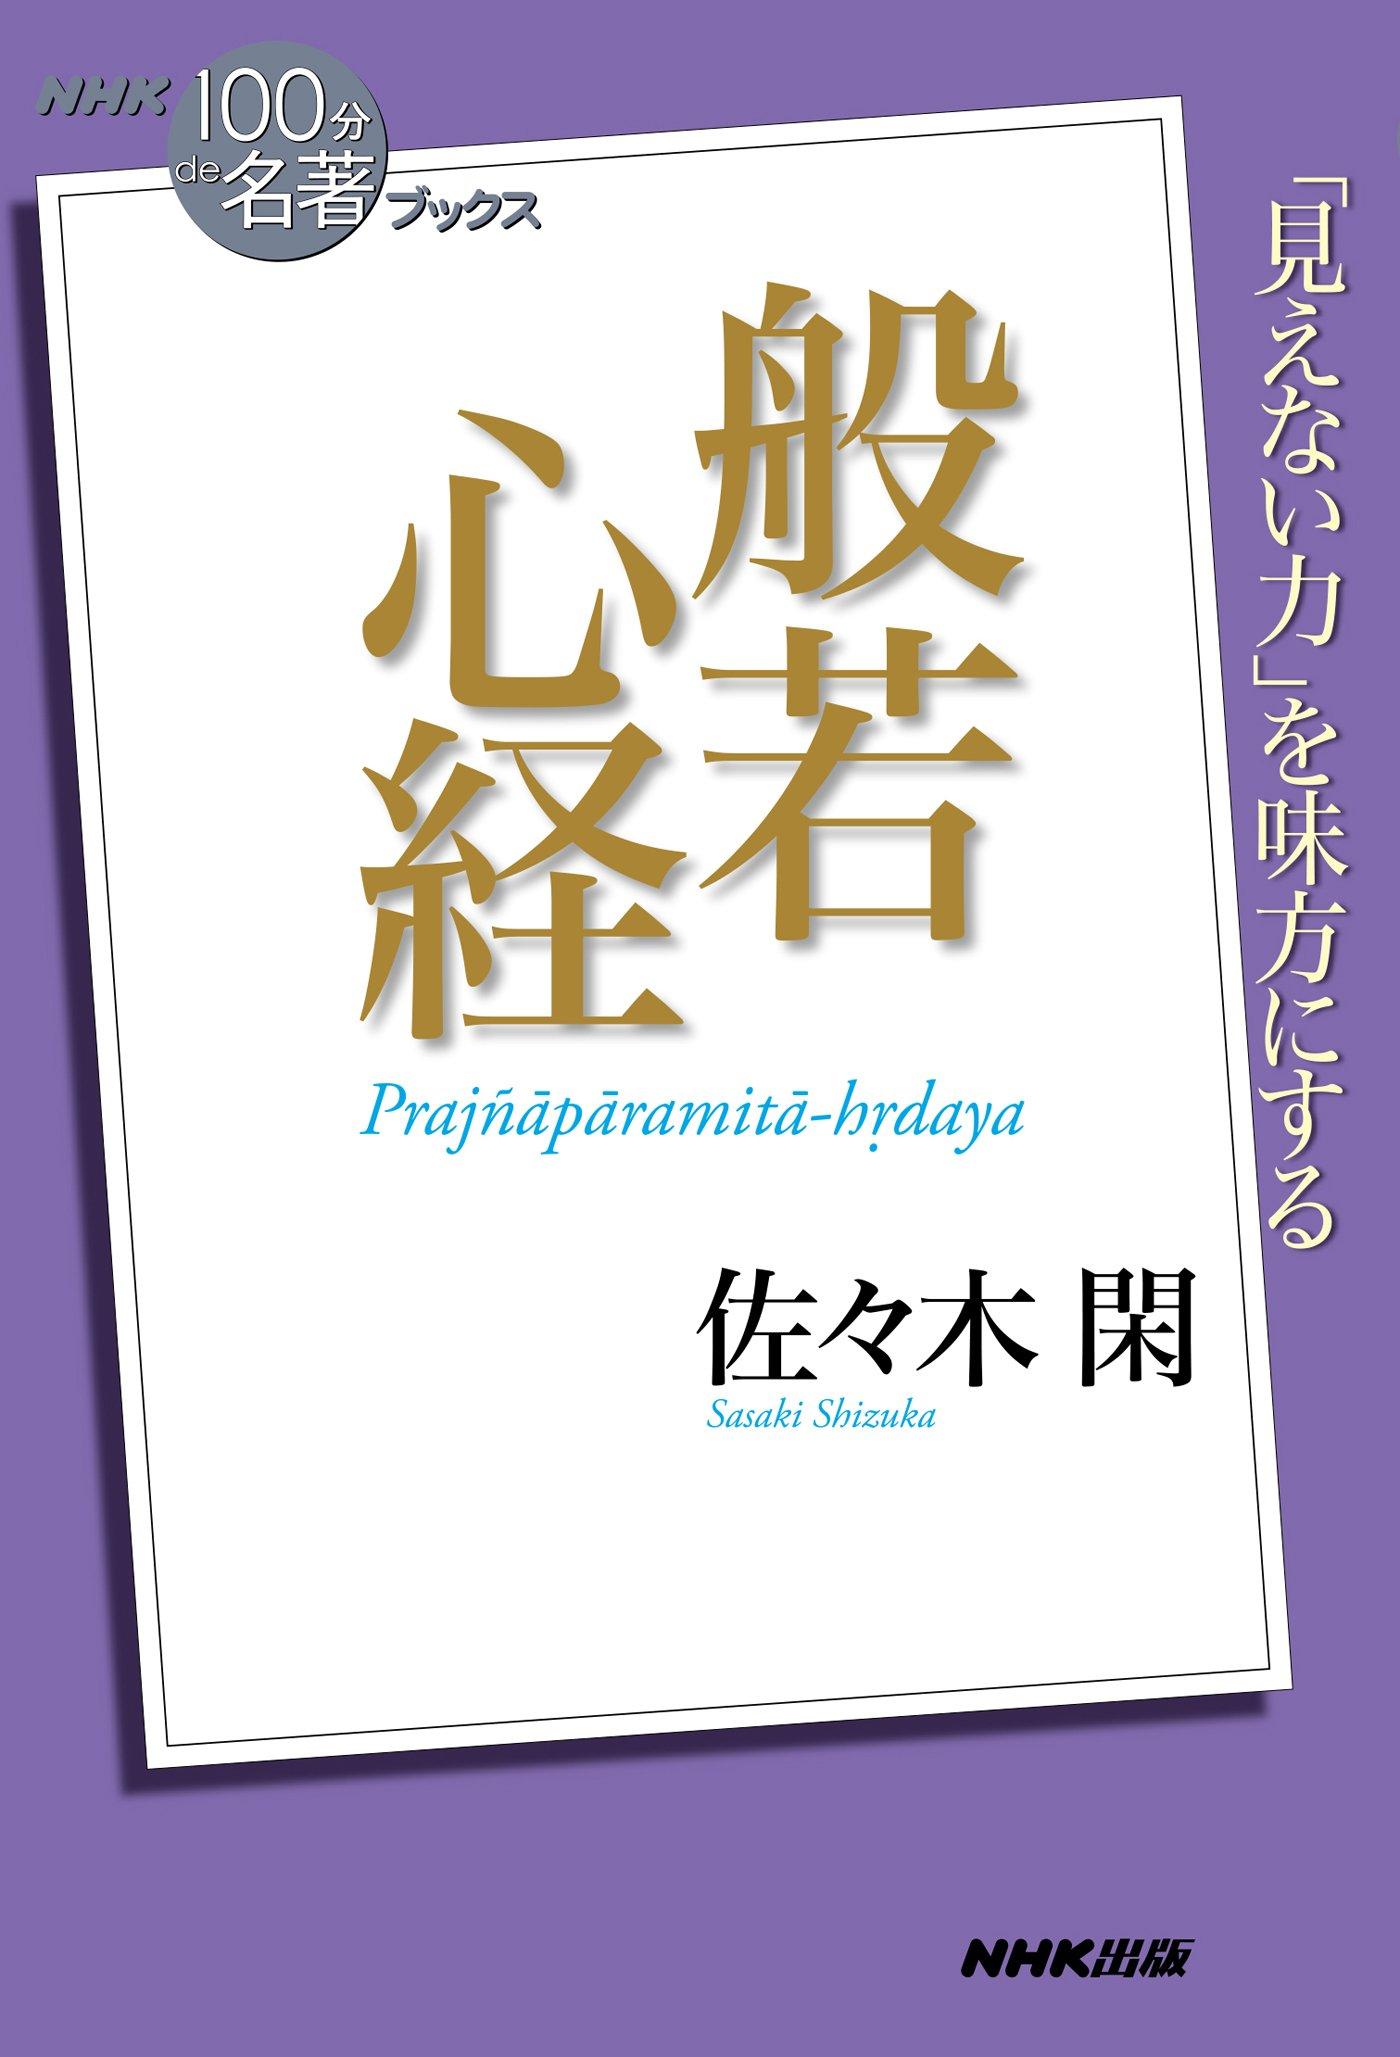 ひ ゃ っ ぷん で 名著 萩尾望都先生の作品がNHK Eテレ「100分de萩尾望都」で特集されます